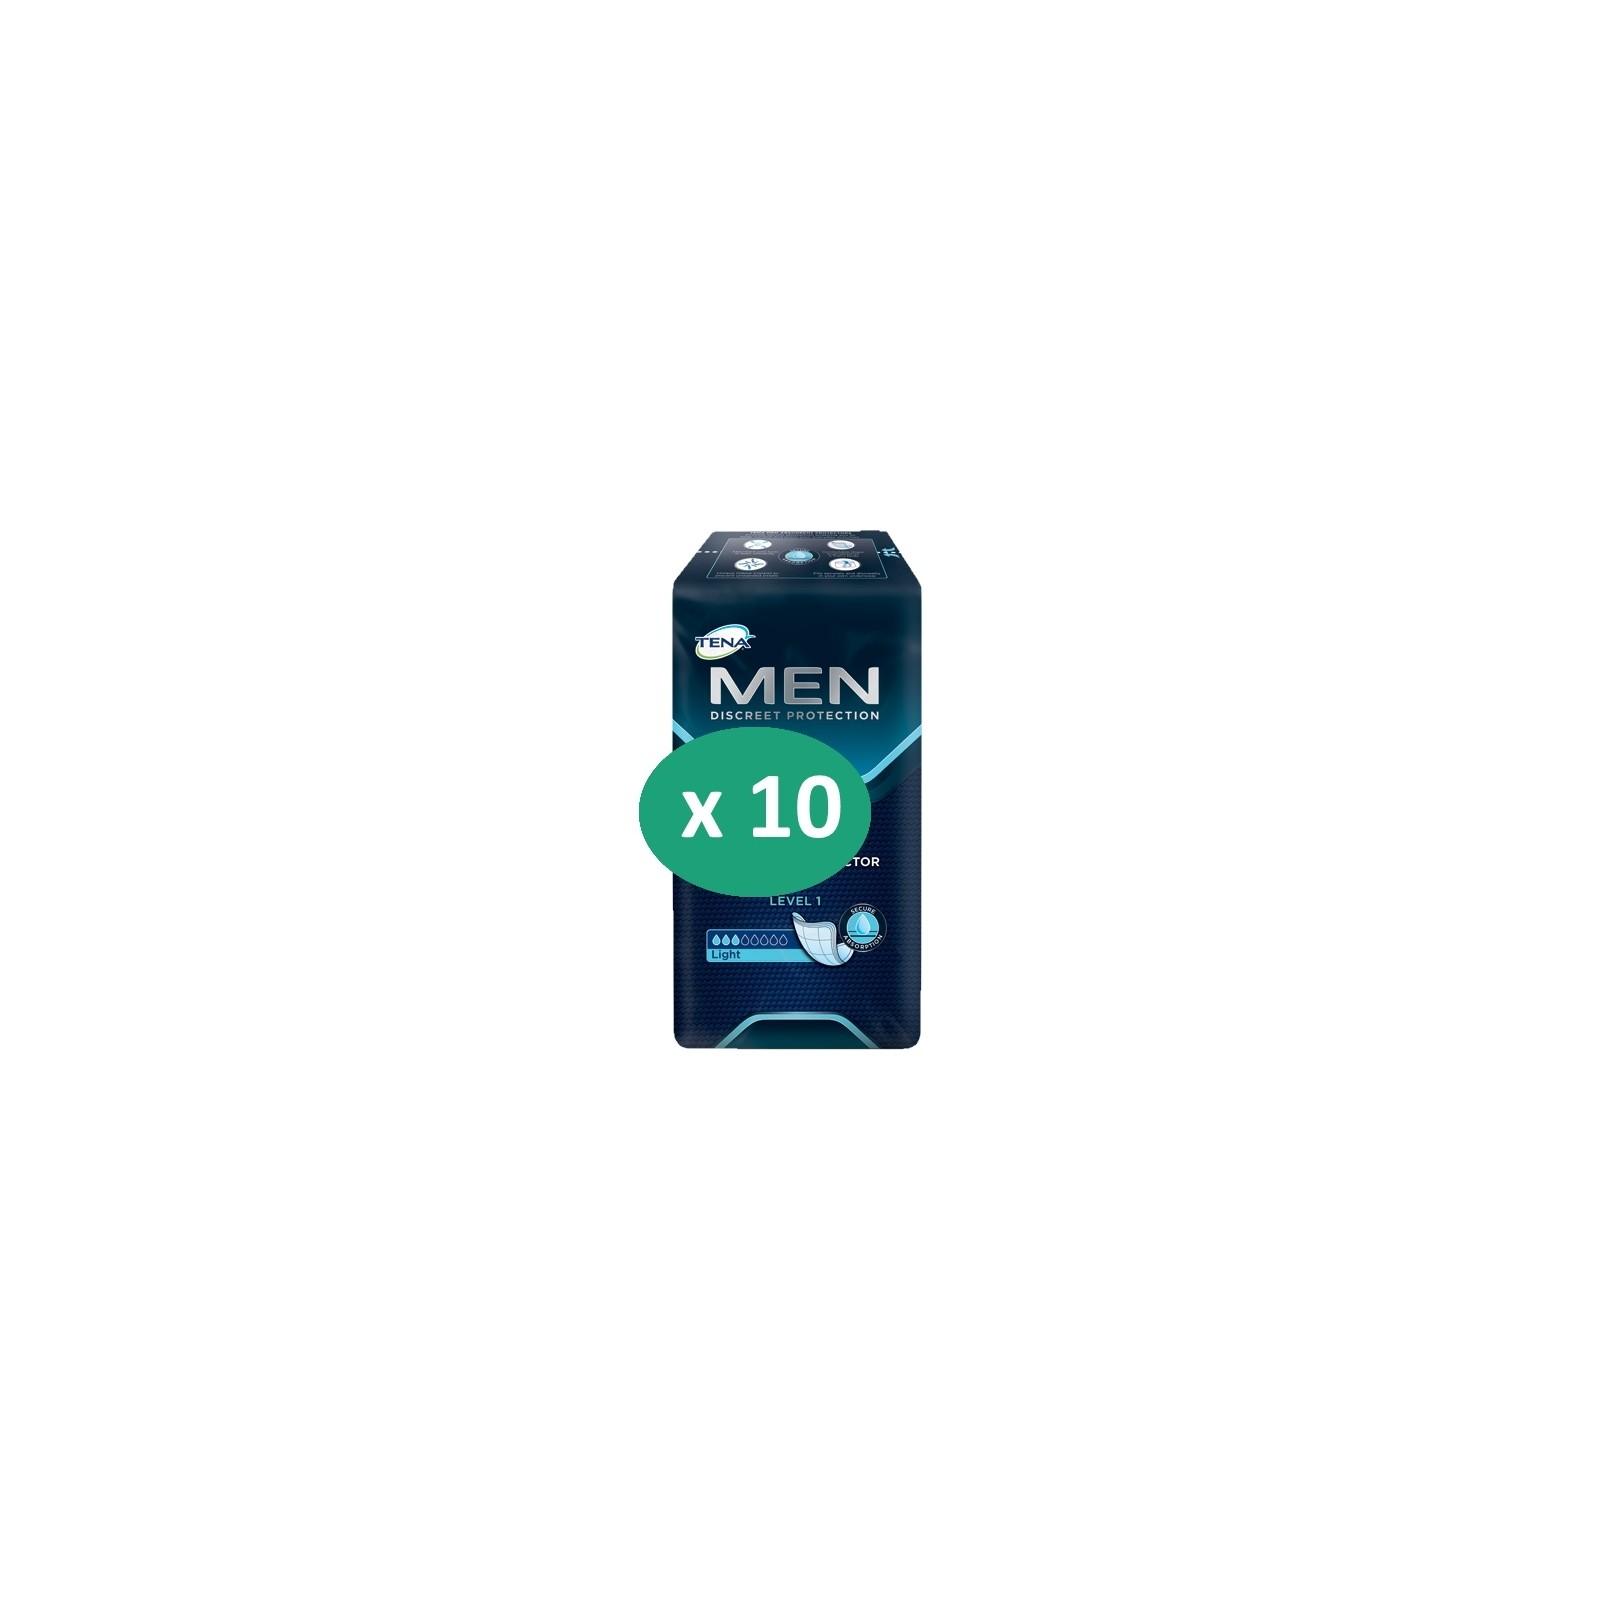 10 paquets de Tena Men Level 1| SenUp.com